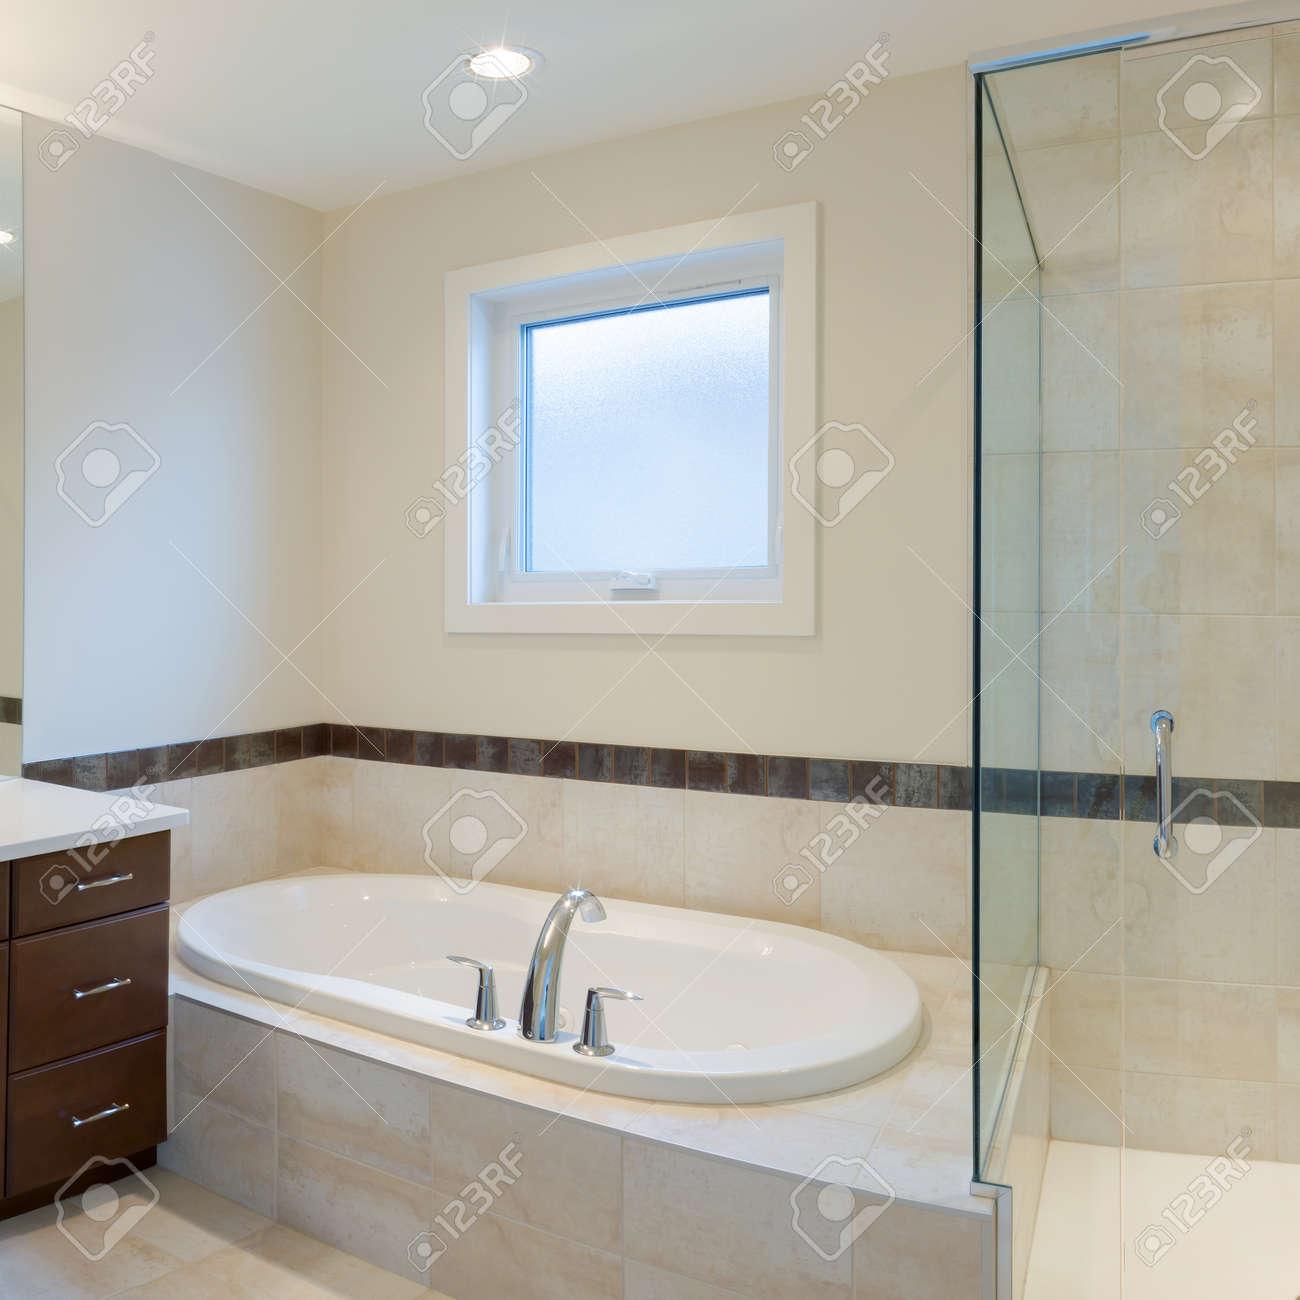 Design d\'intérieur d\'une salle de bain dans la nouvelle maison